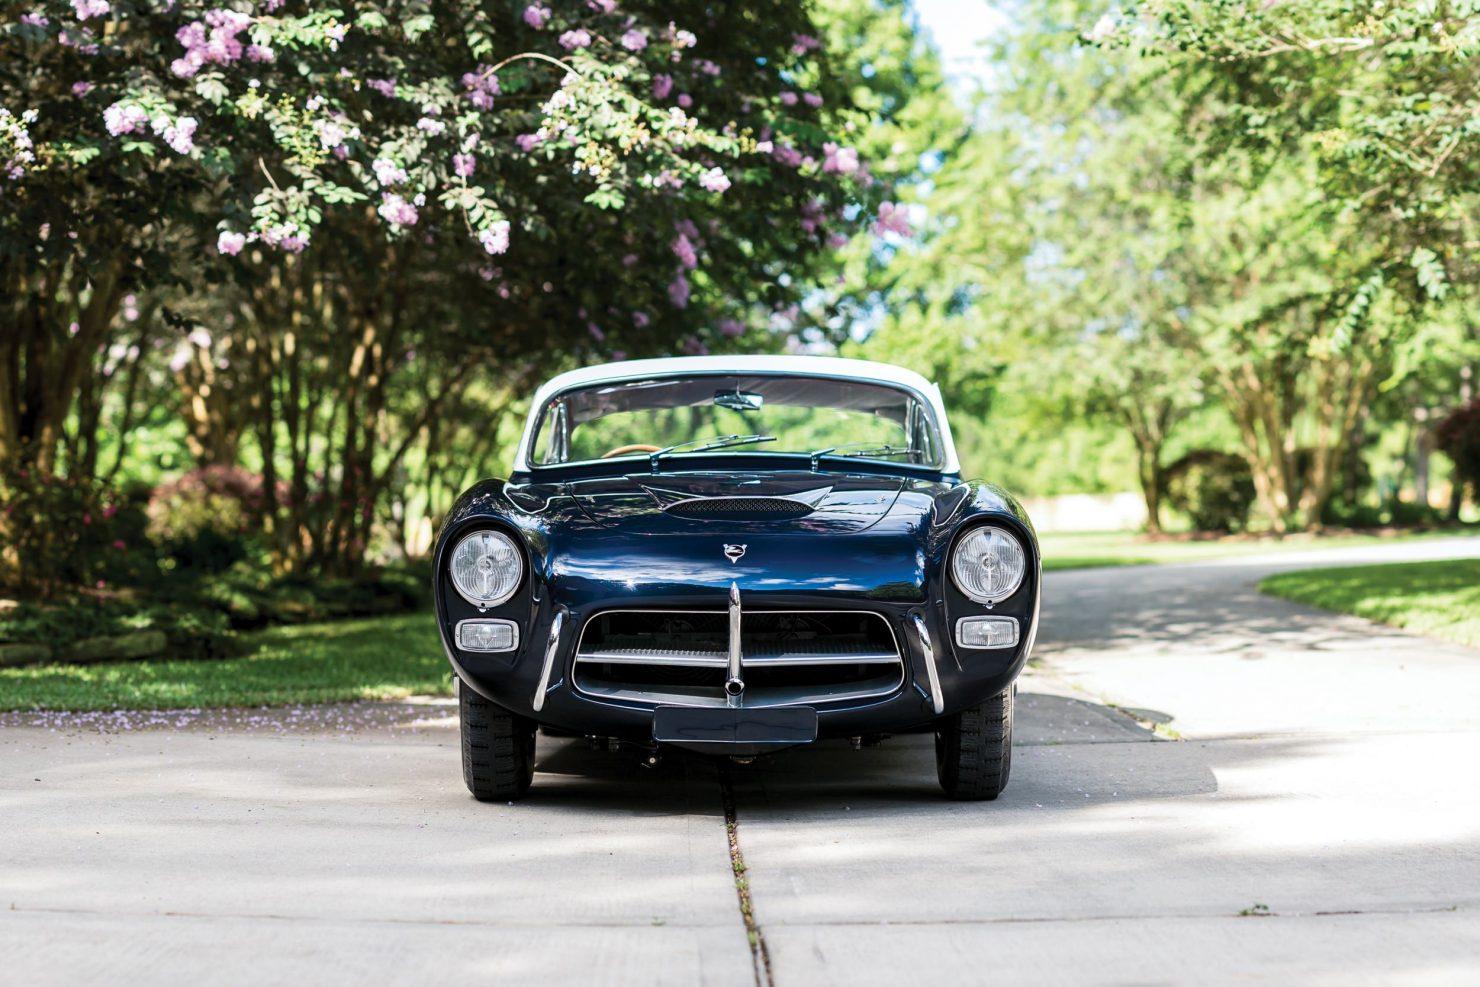 pegaso z 102 car 6 1480x987 - 1954 Pegaso Z-102 Series II Saoutchik